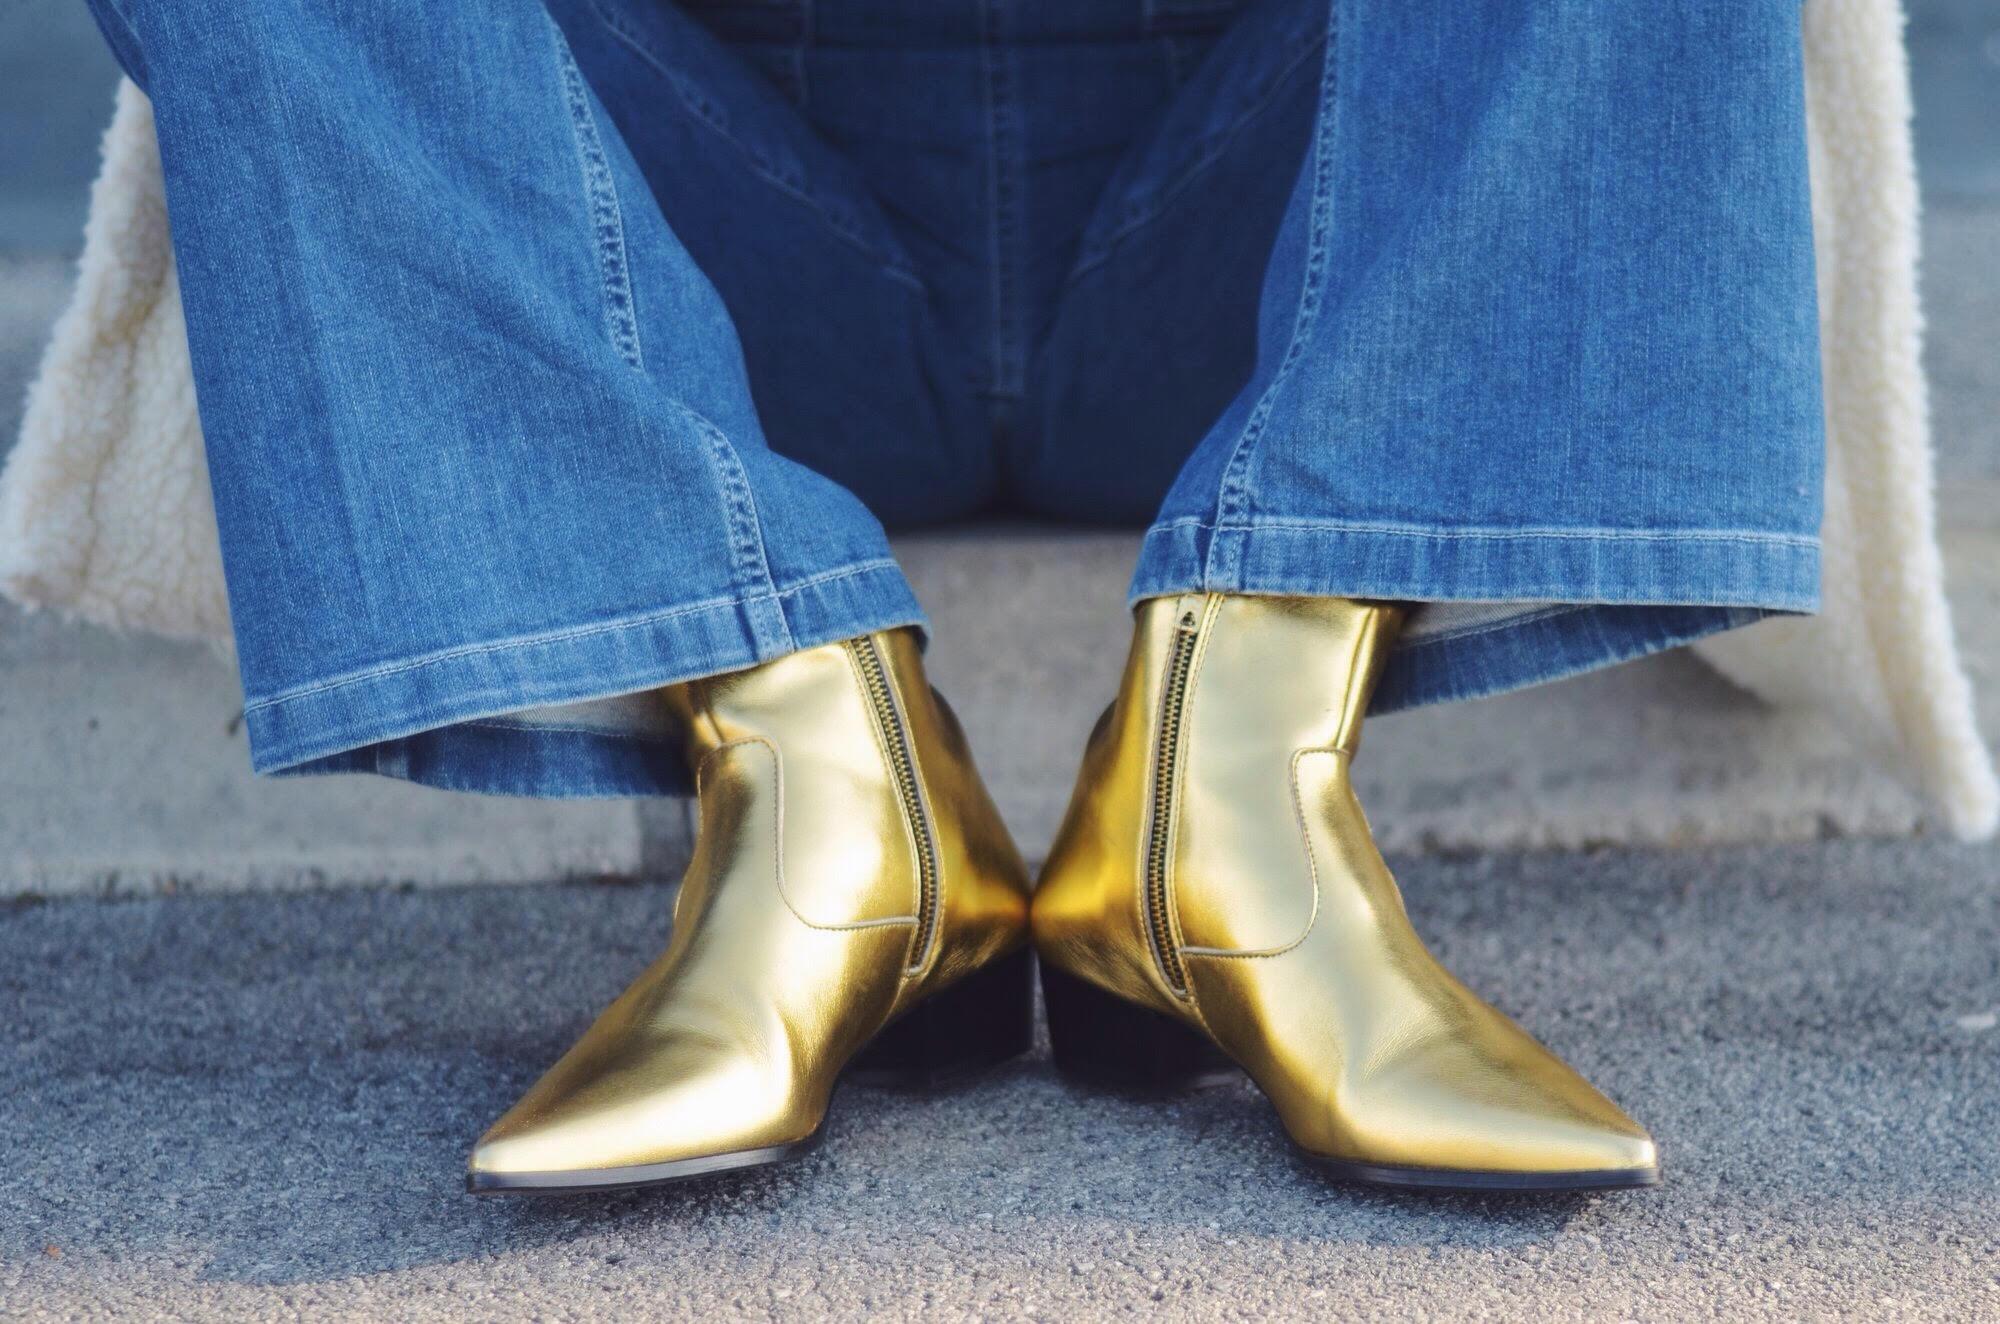 GOLD ZARA BOOTS